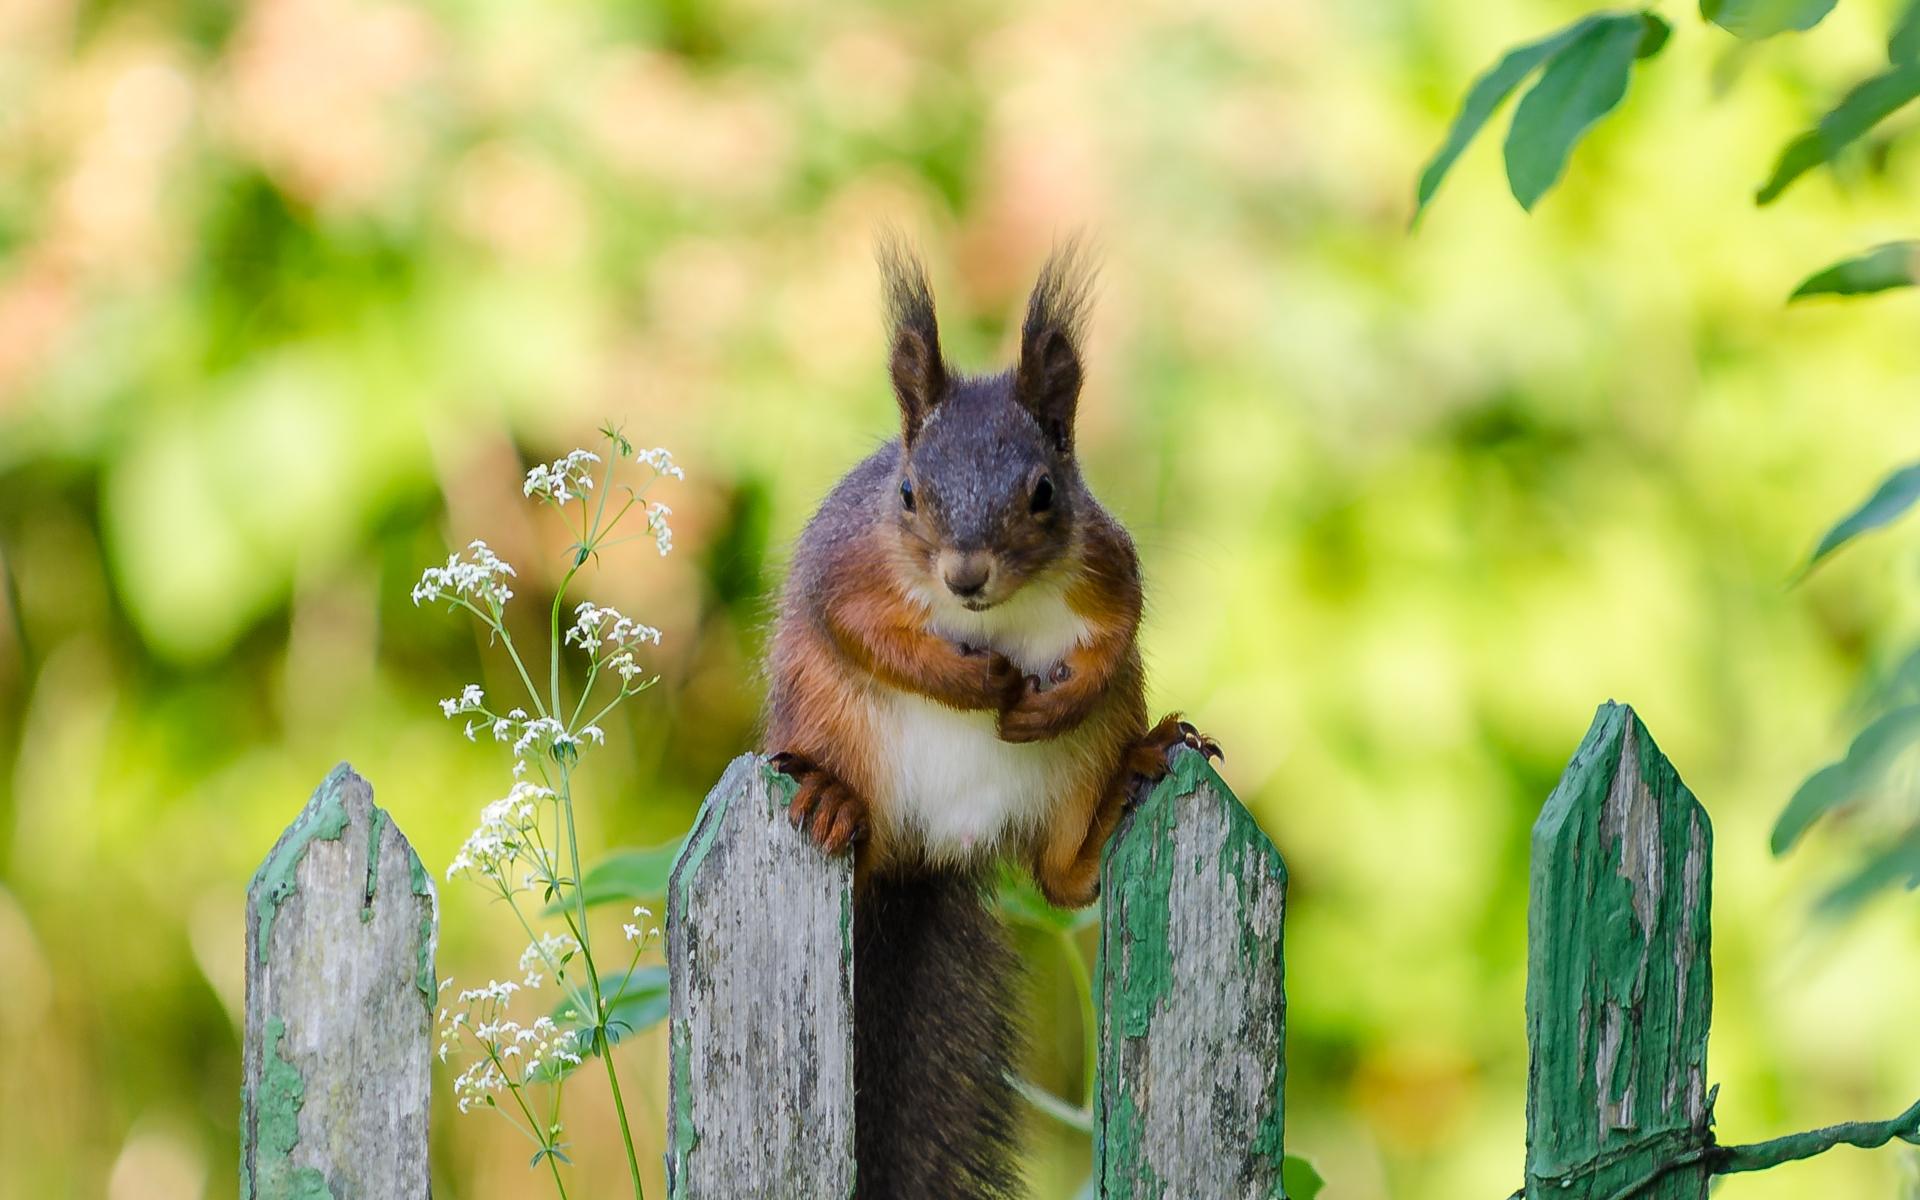 *Hej! Jag kan sitta såhär hela dan! Kan jag få din müsli? Vad heter du? Har du en nagelsax?* Blir tokig.